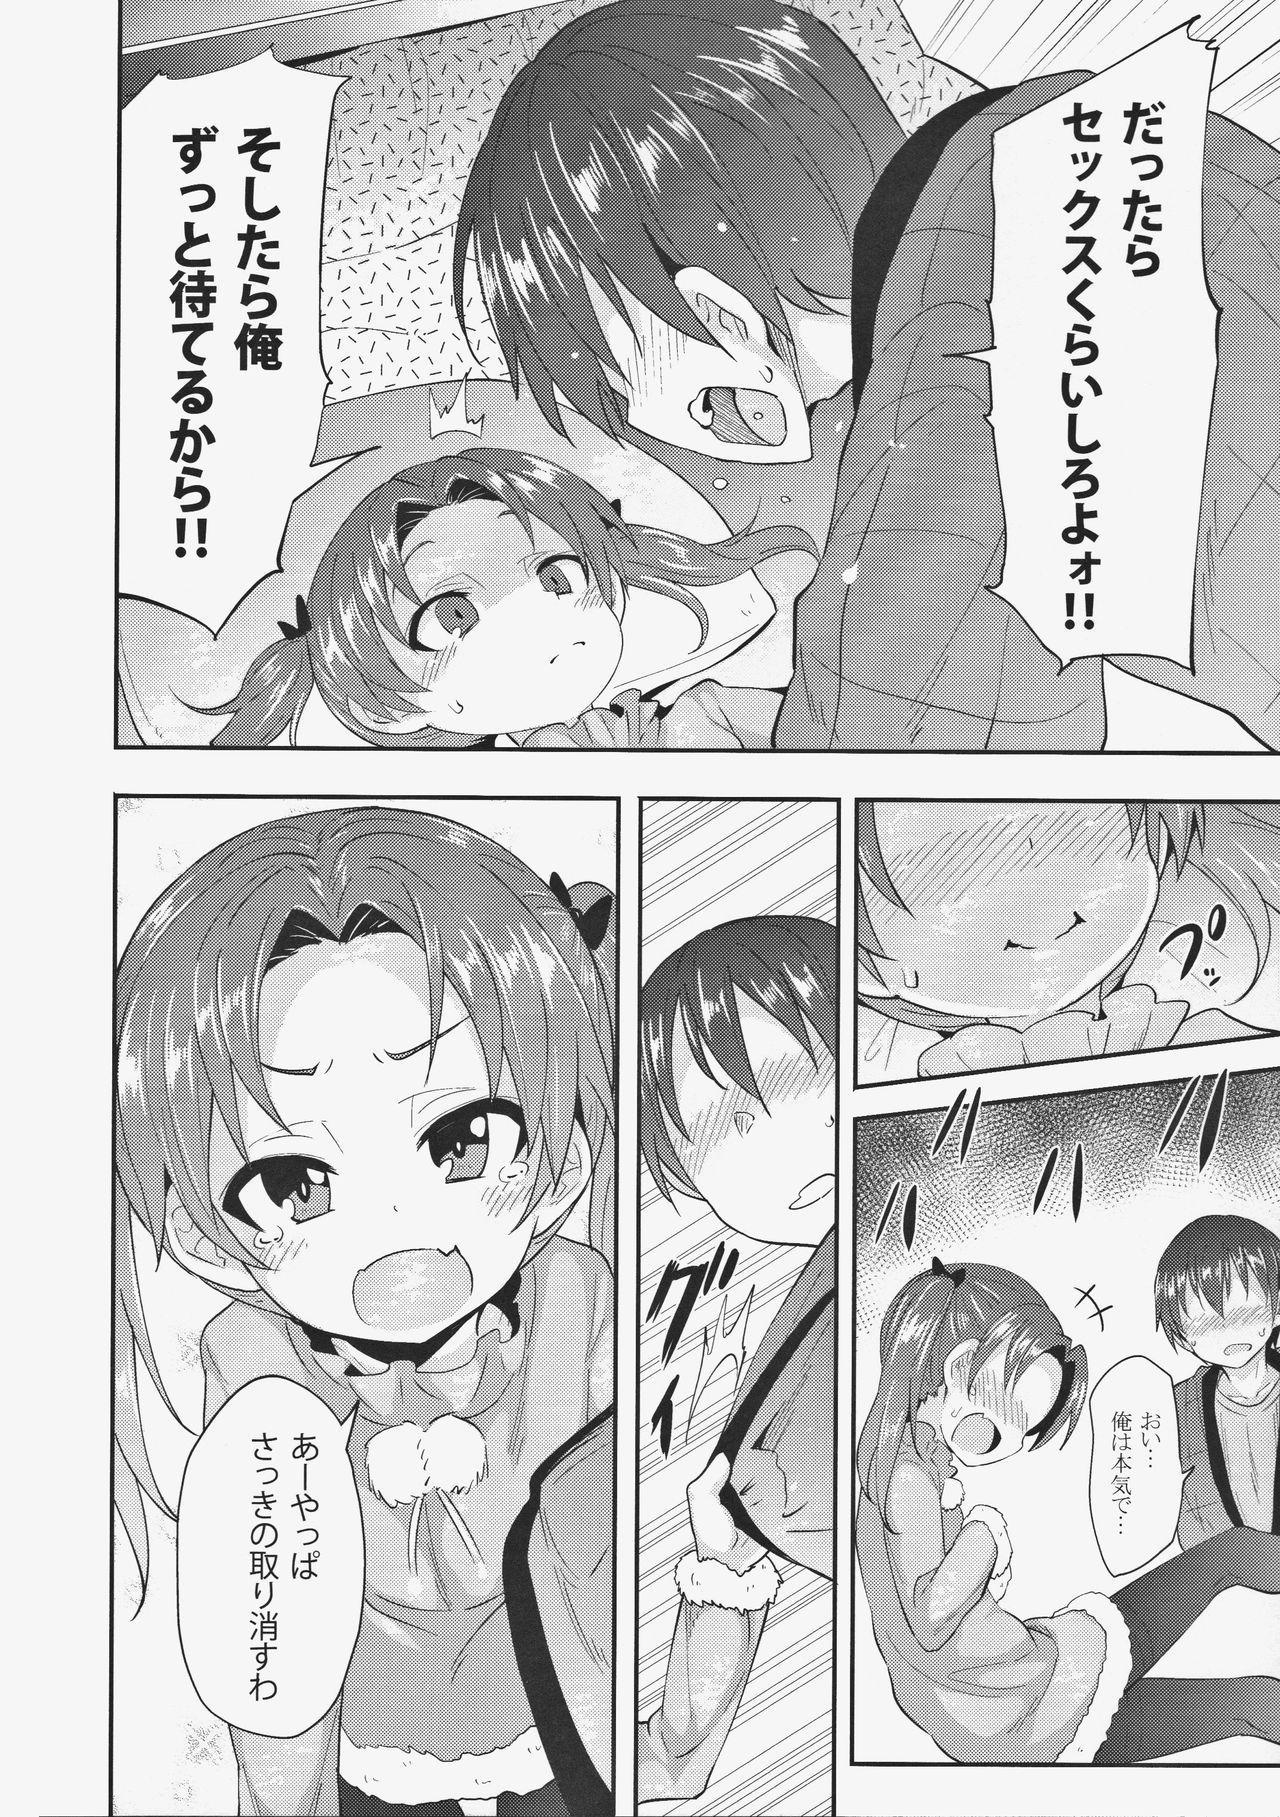 Anzu Kaichou ni Kokuhaku Shite Mita After 7